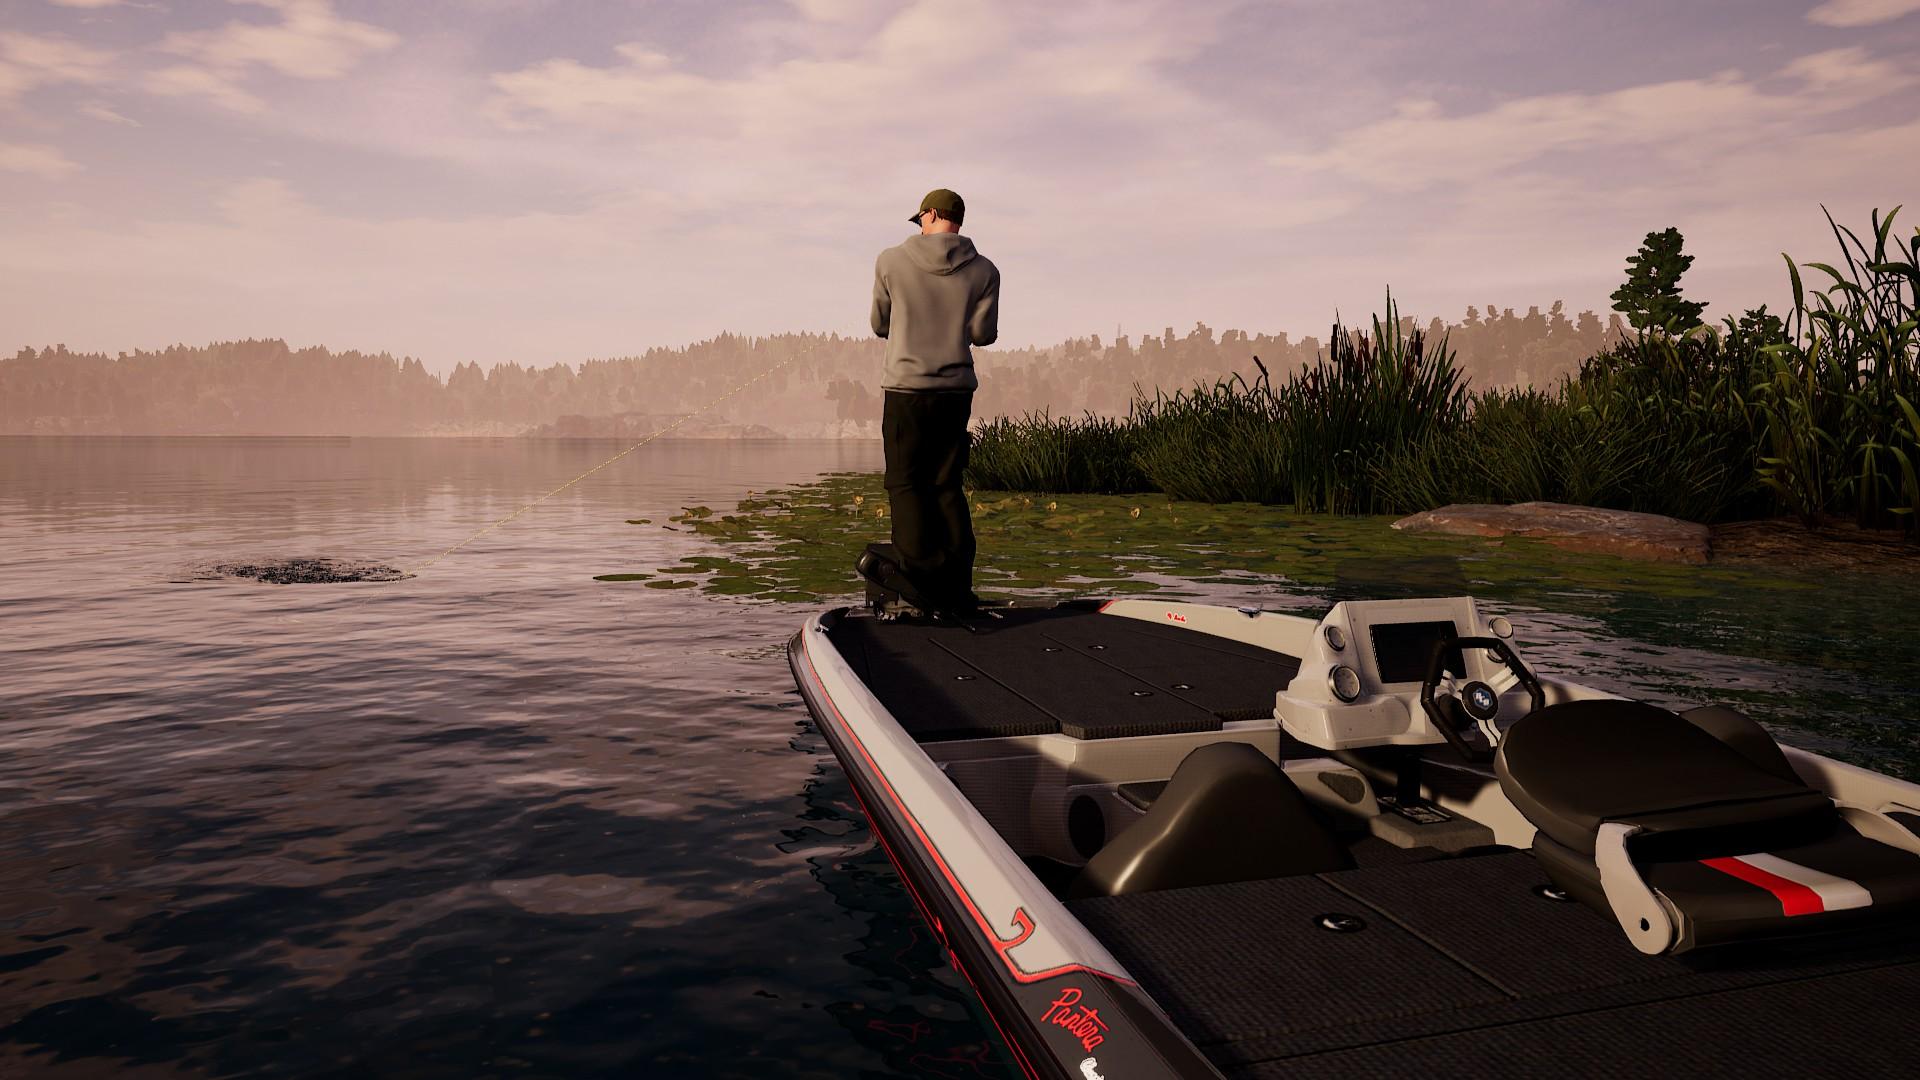 《钓鱼模拟世界》Steam版更新 加入简体中文